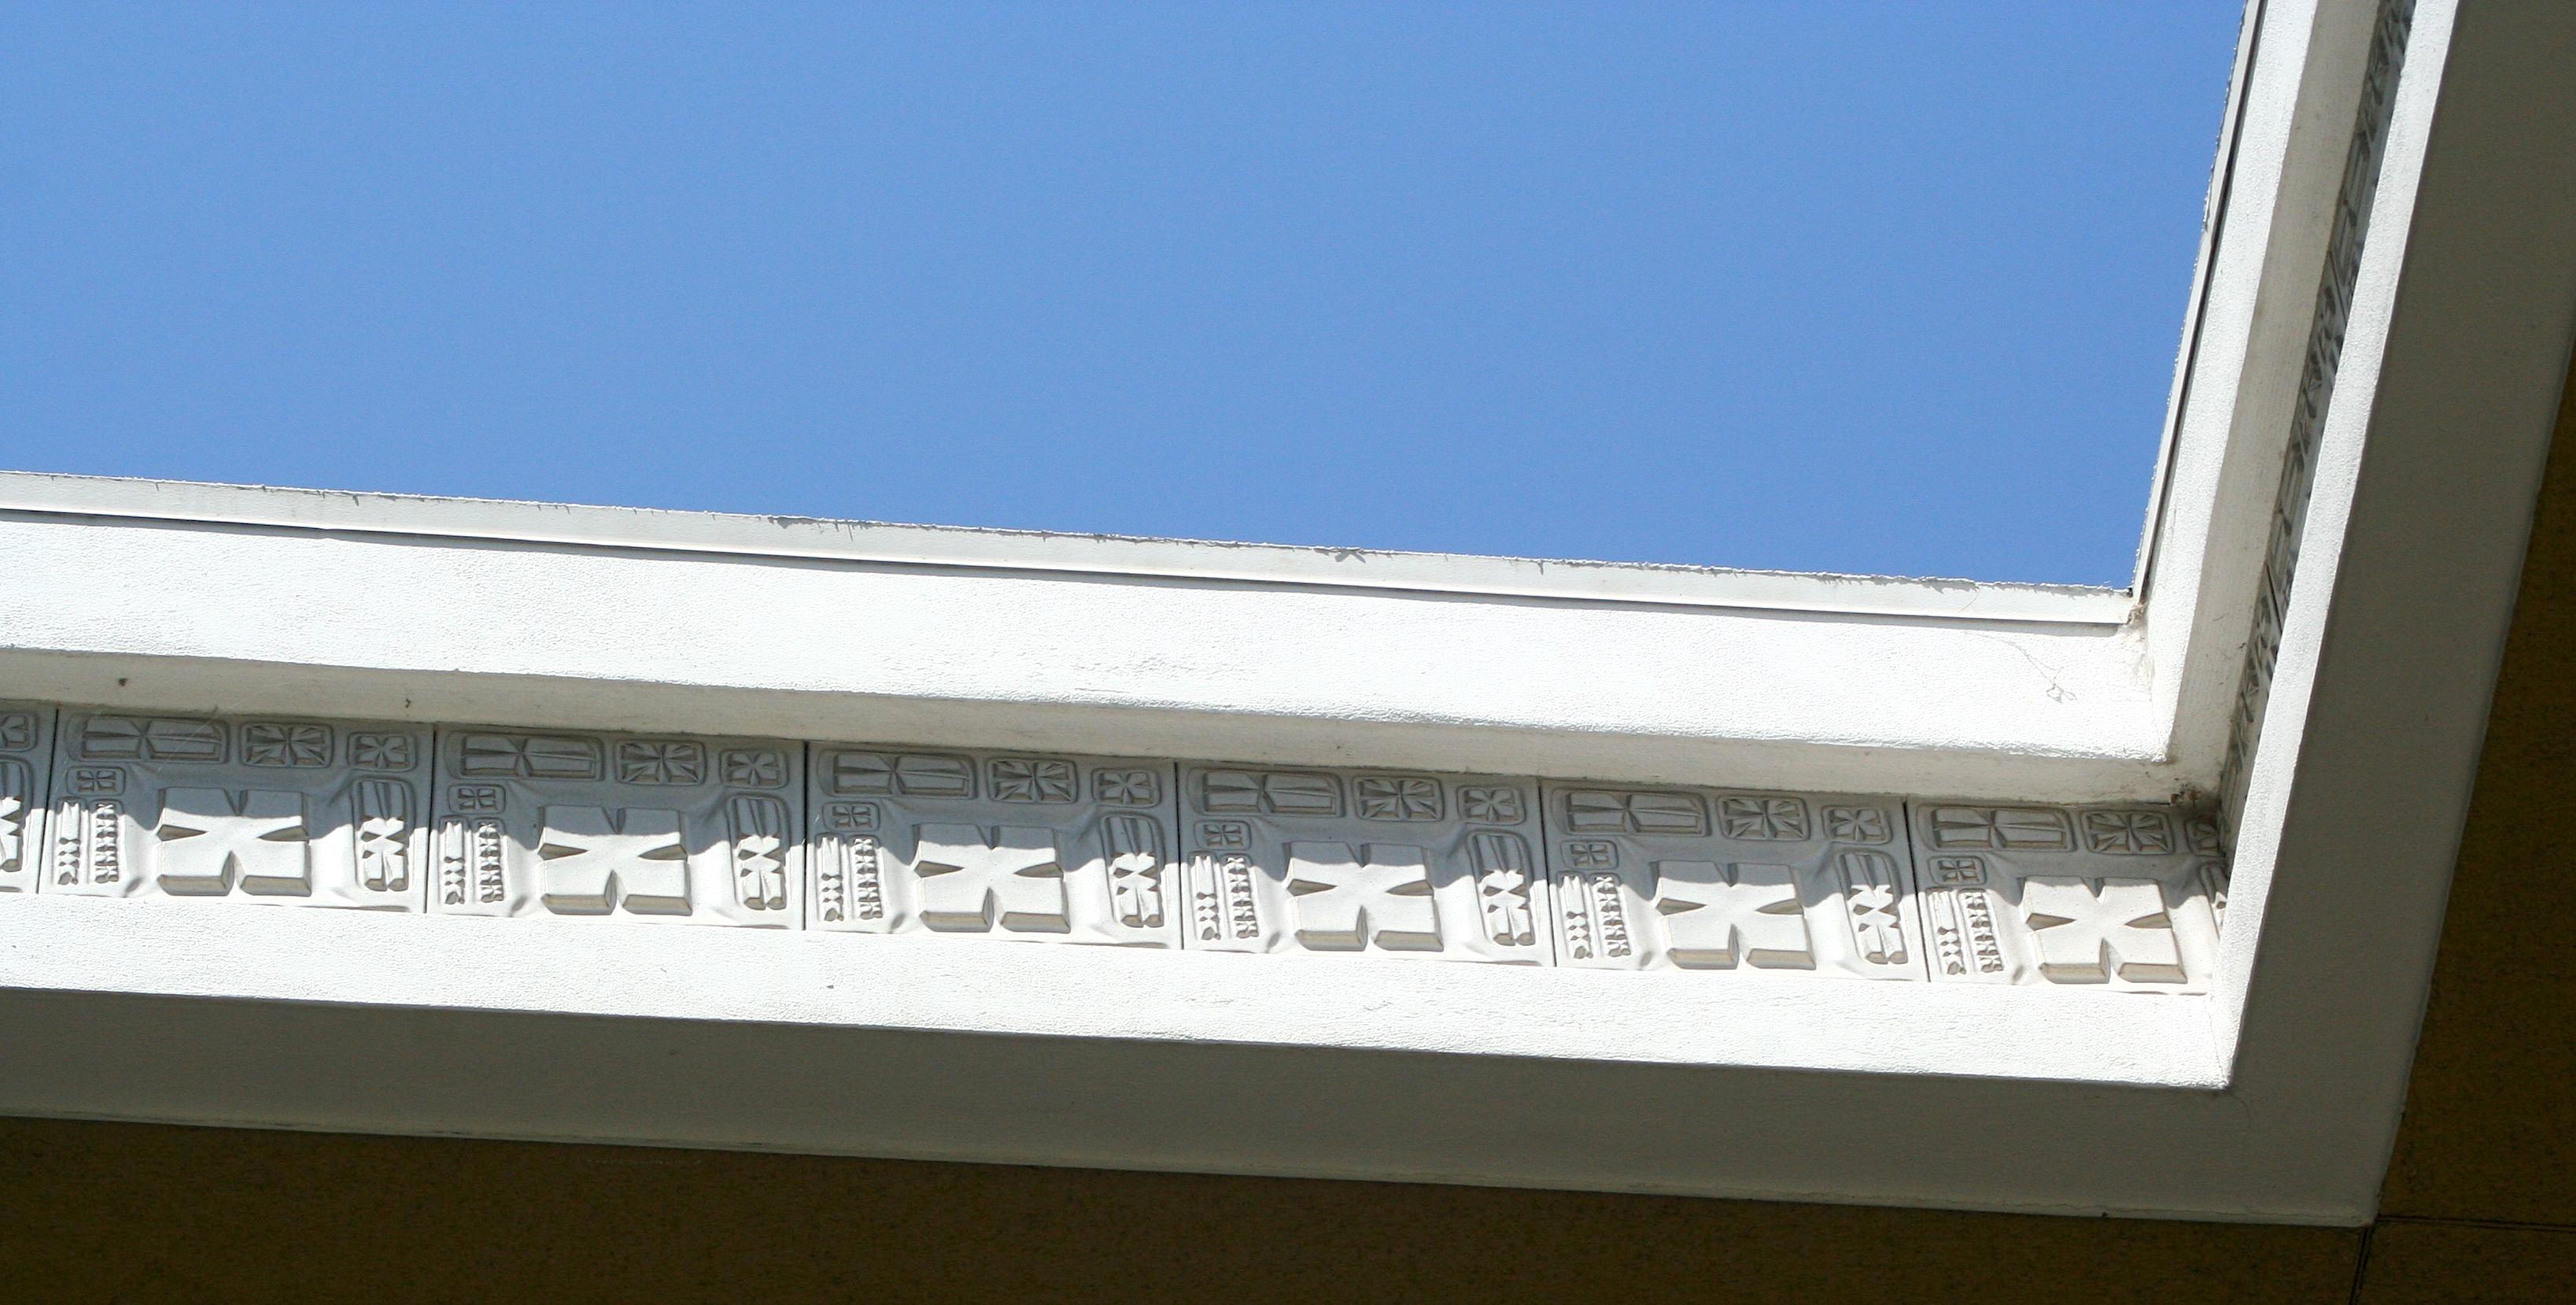 dora de larios franciscan 400 series contours cv tile 1963 1964